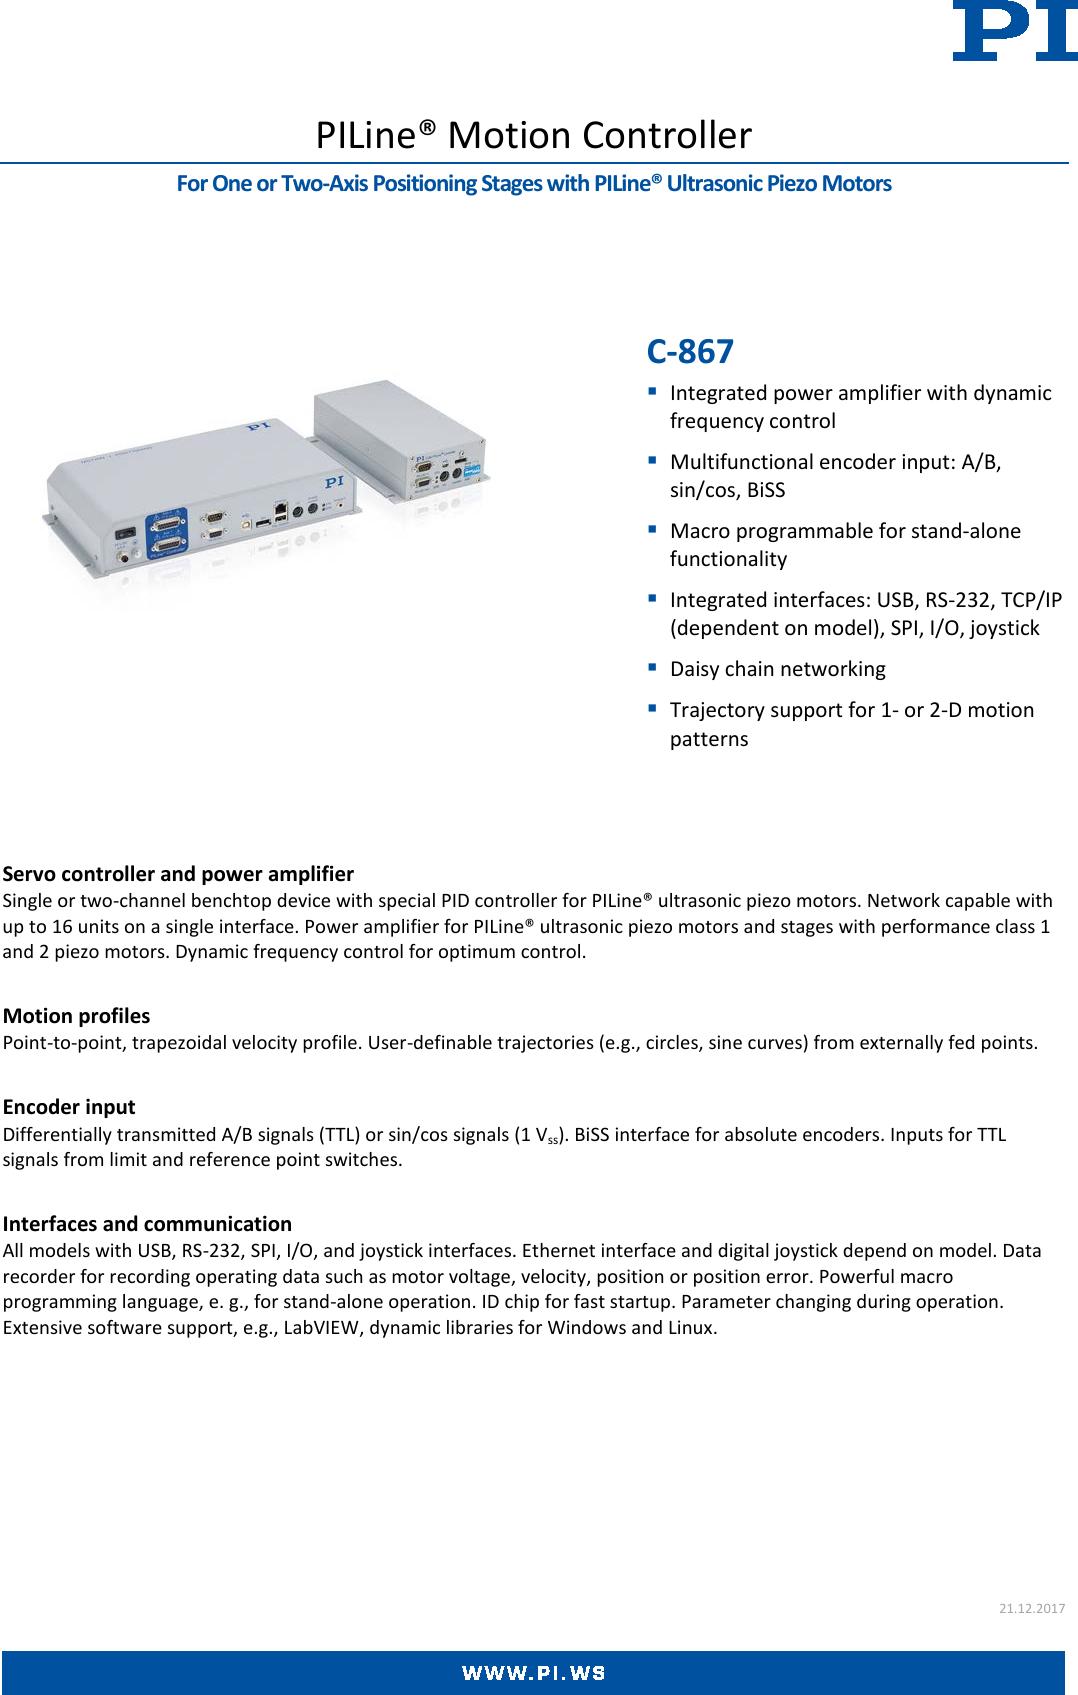 Physik Instrumente C 867 Datasheet